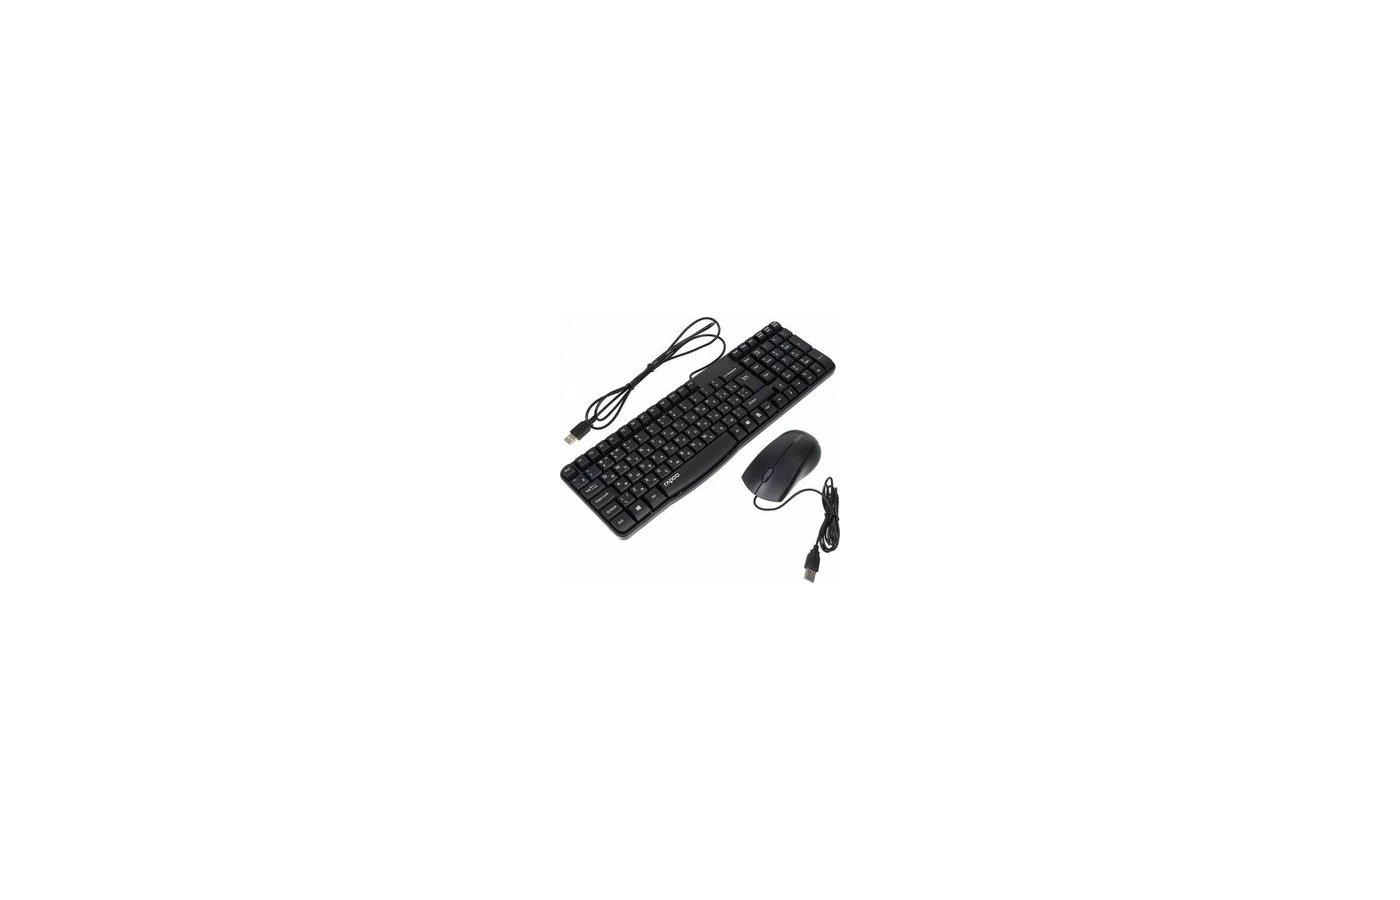 Клавиатура + мышь Rapoo N1850 клав:черный мышь:черный USB 2.0